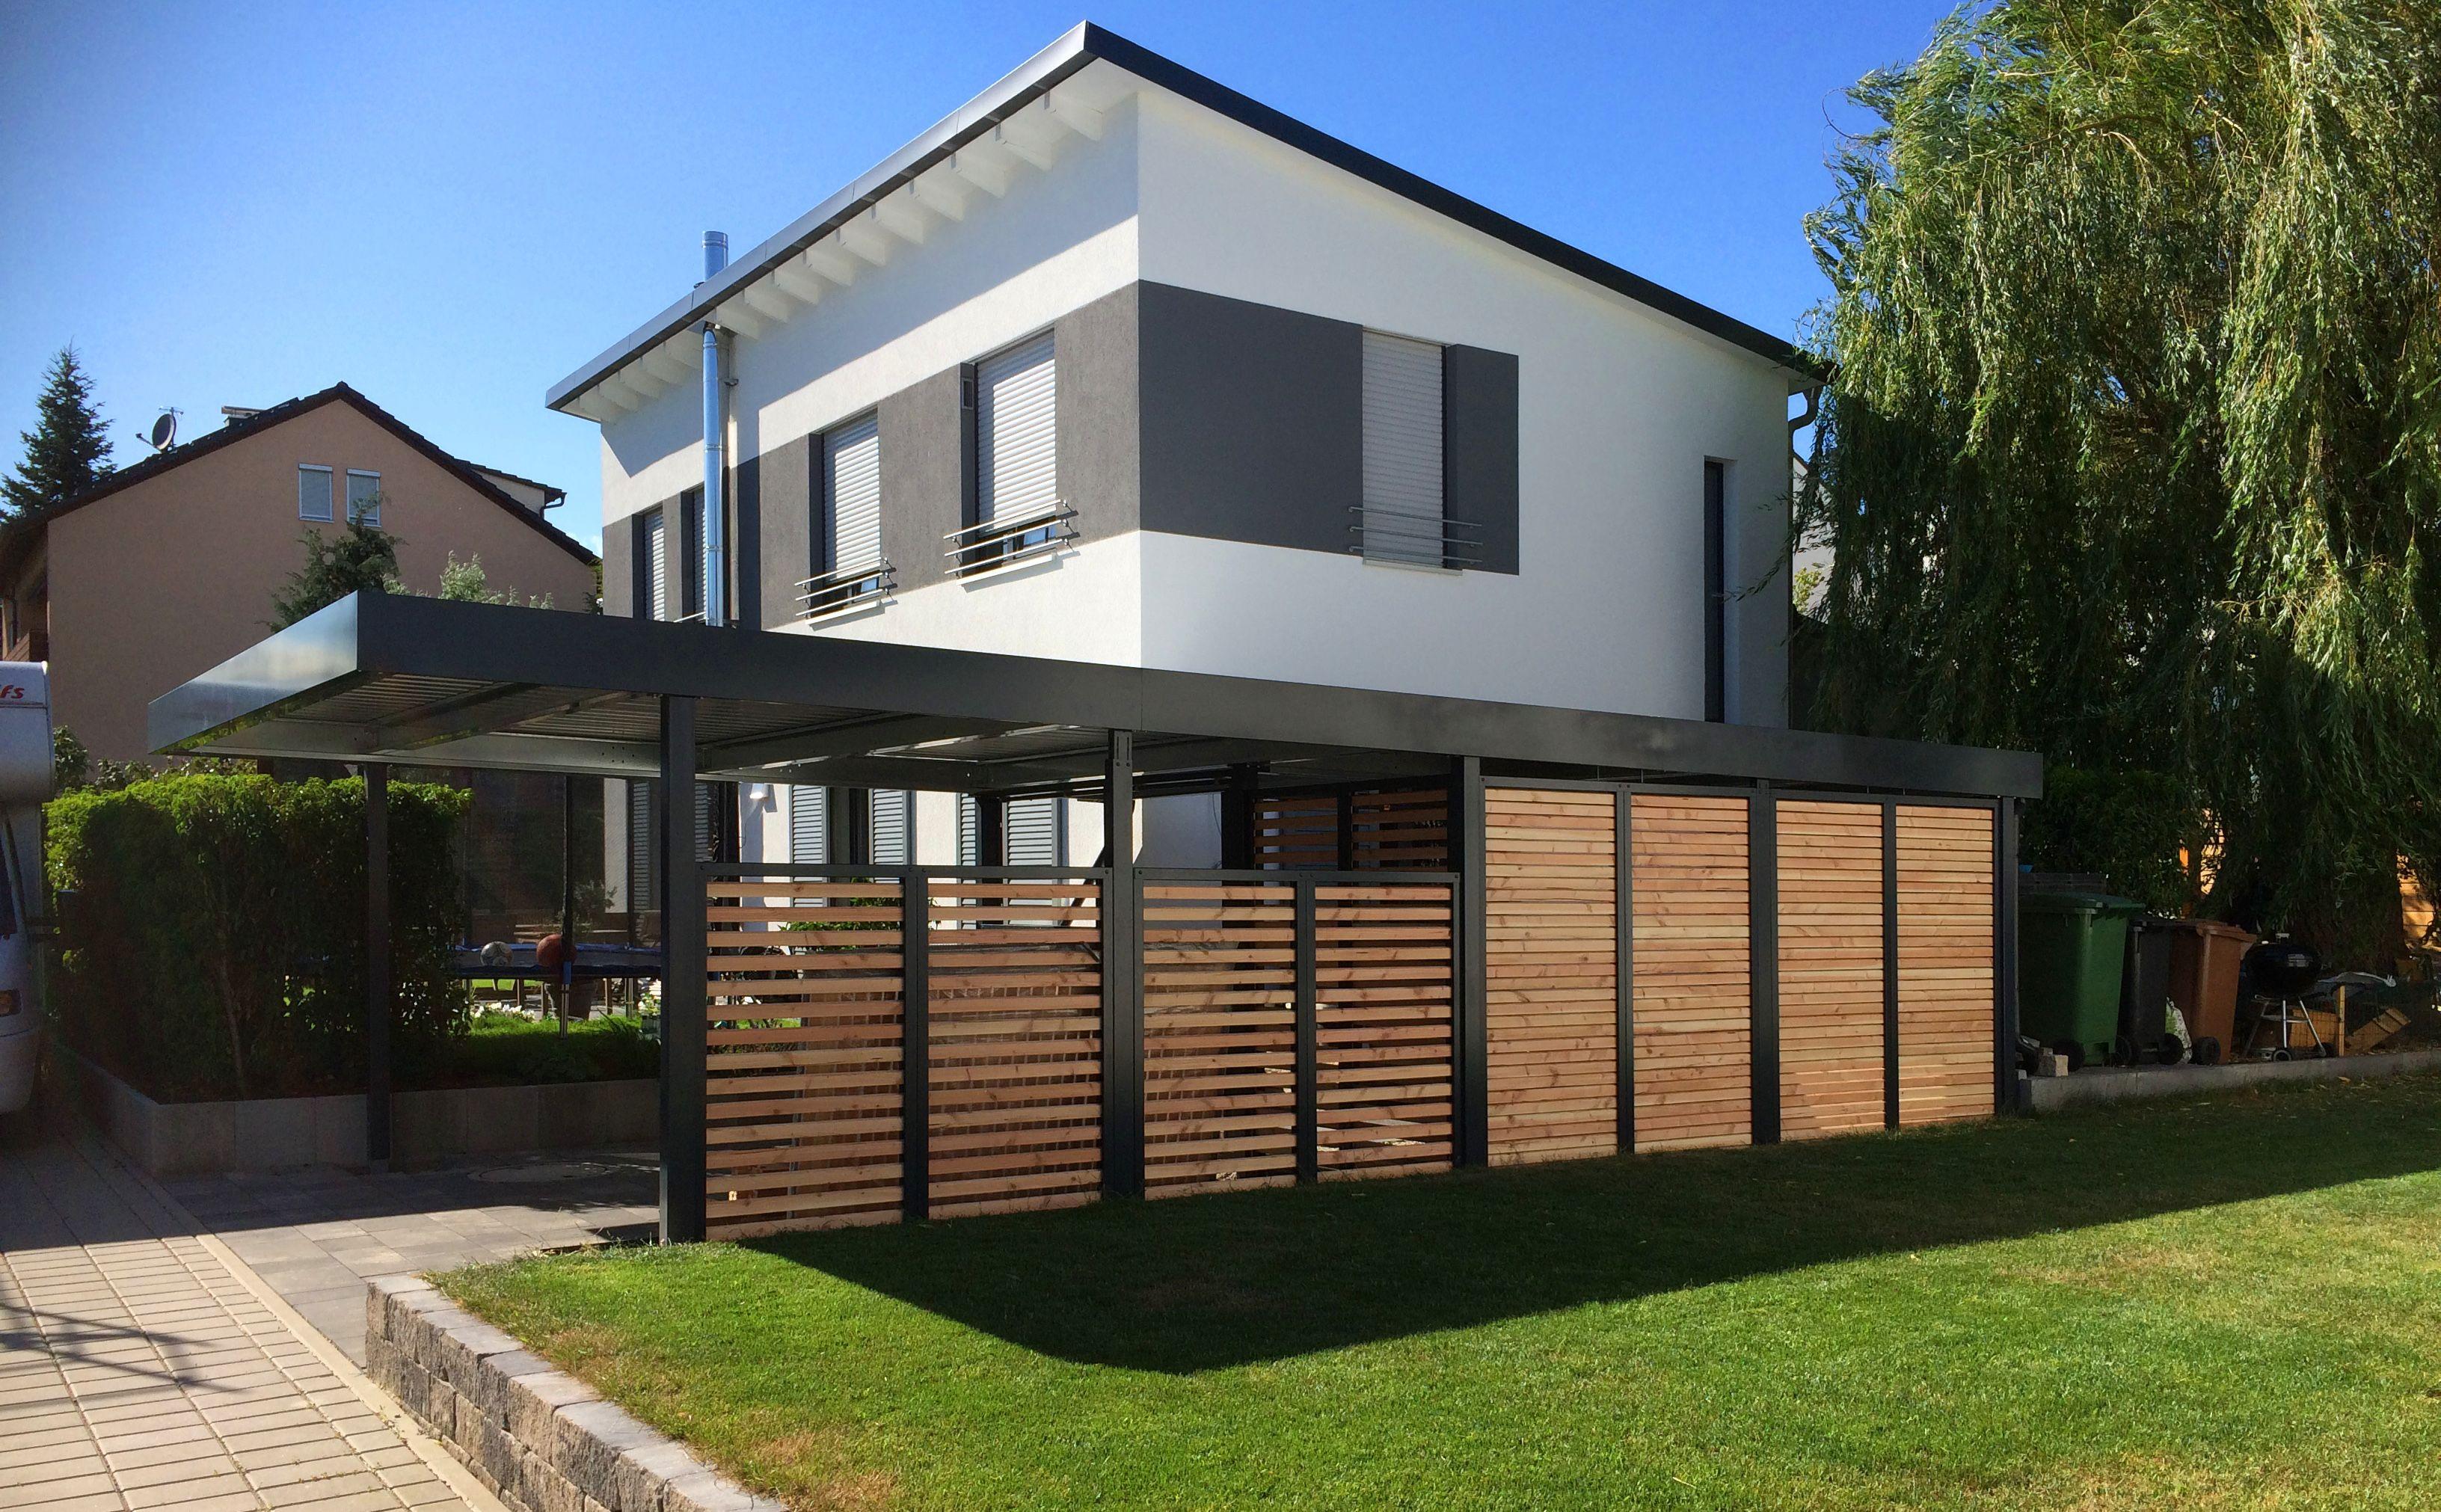 myport doppelcarport aus stahl mit integriertem ger teraum und wandelementen aus holz carport. Black Bedroom Furniture Sets. Home Design Ideas